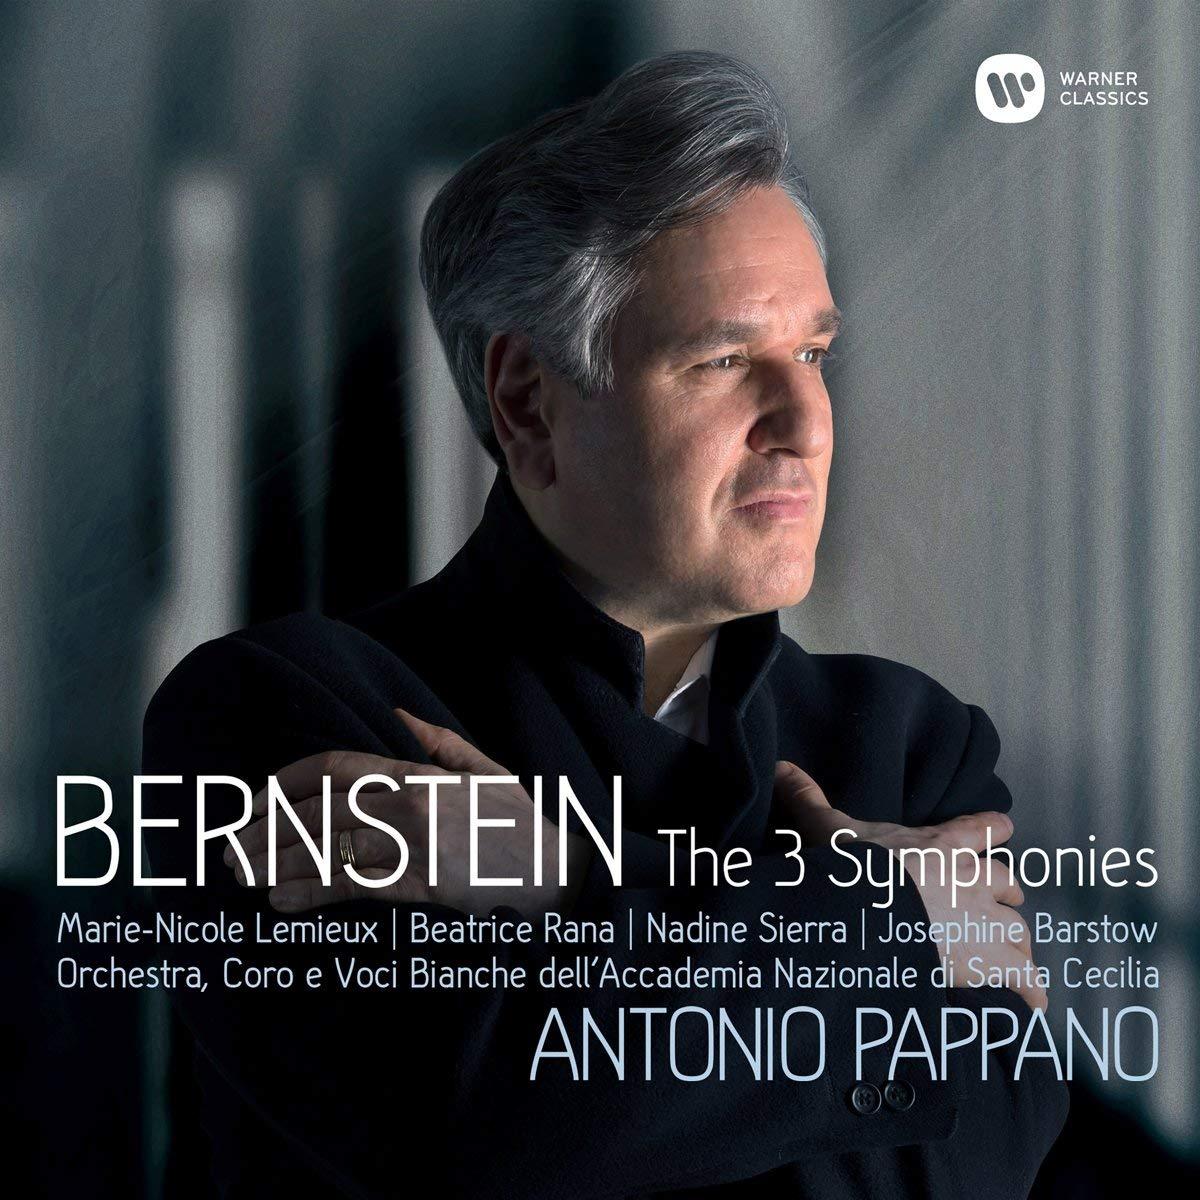 Classical CDs Weekly: Bernstein, Sibelius, Stravinsky, Mihai